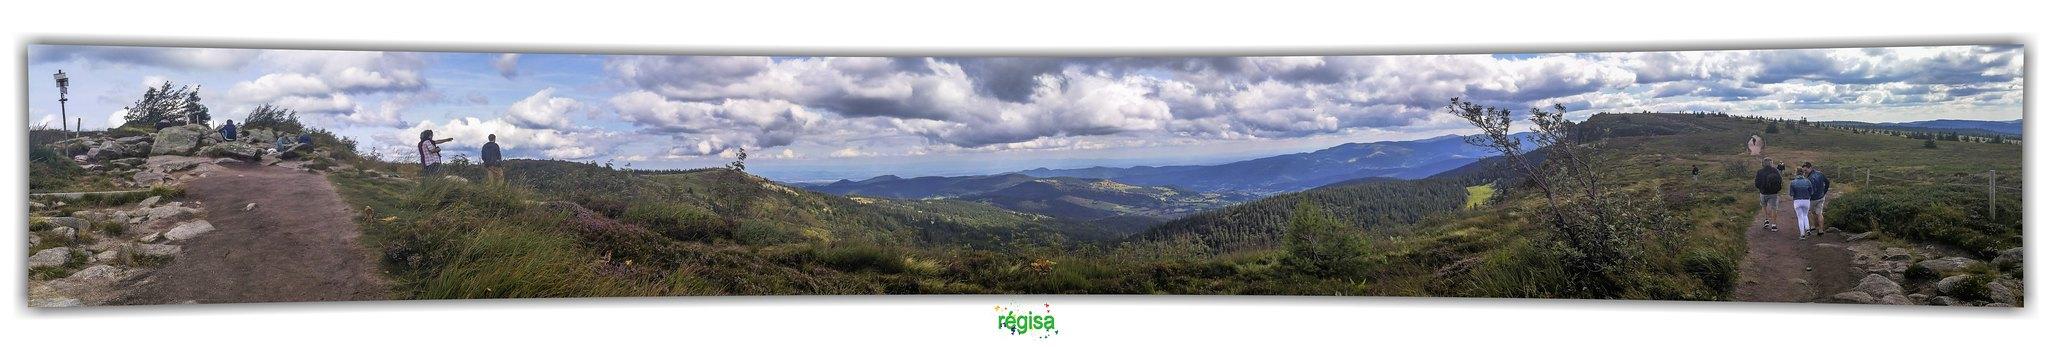 PARC NATUREL REGIONAL DES BALLONS DES VOSGES /  / LE GAZON DU FAINGT